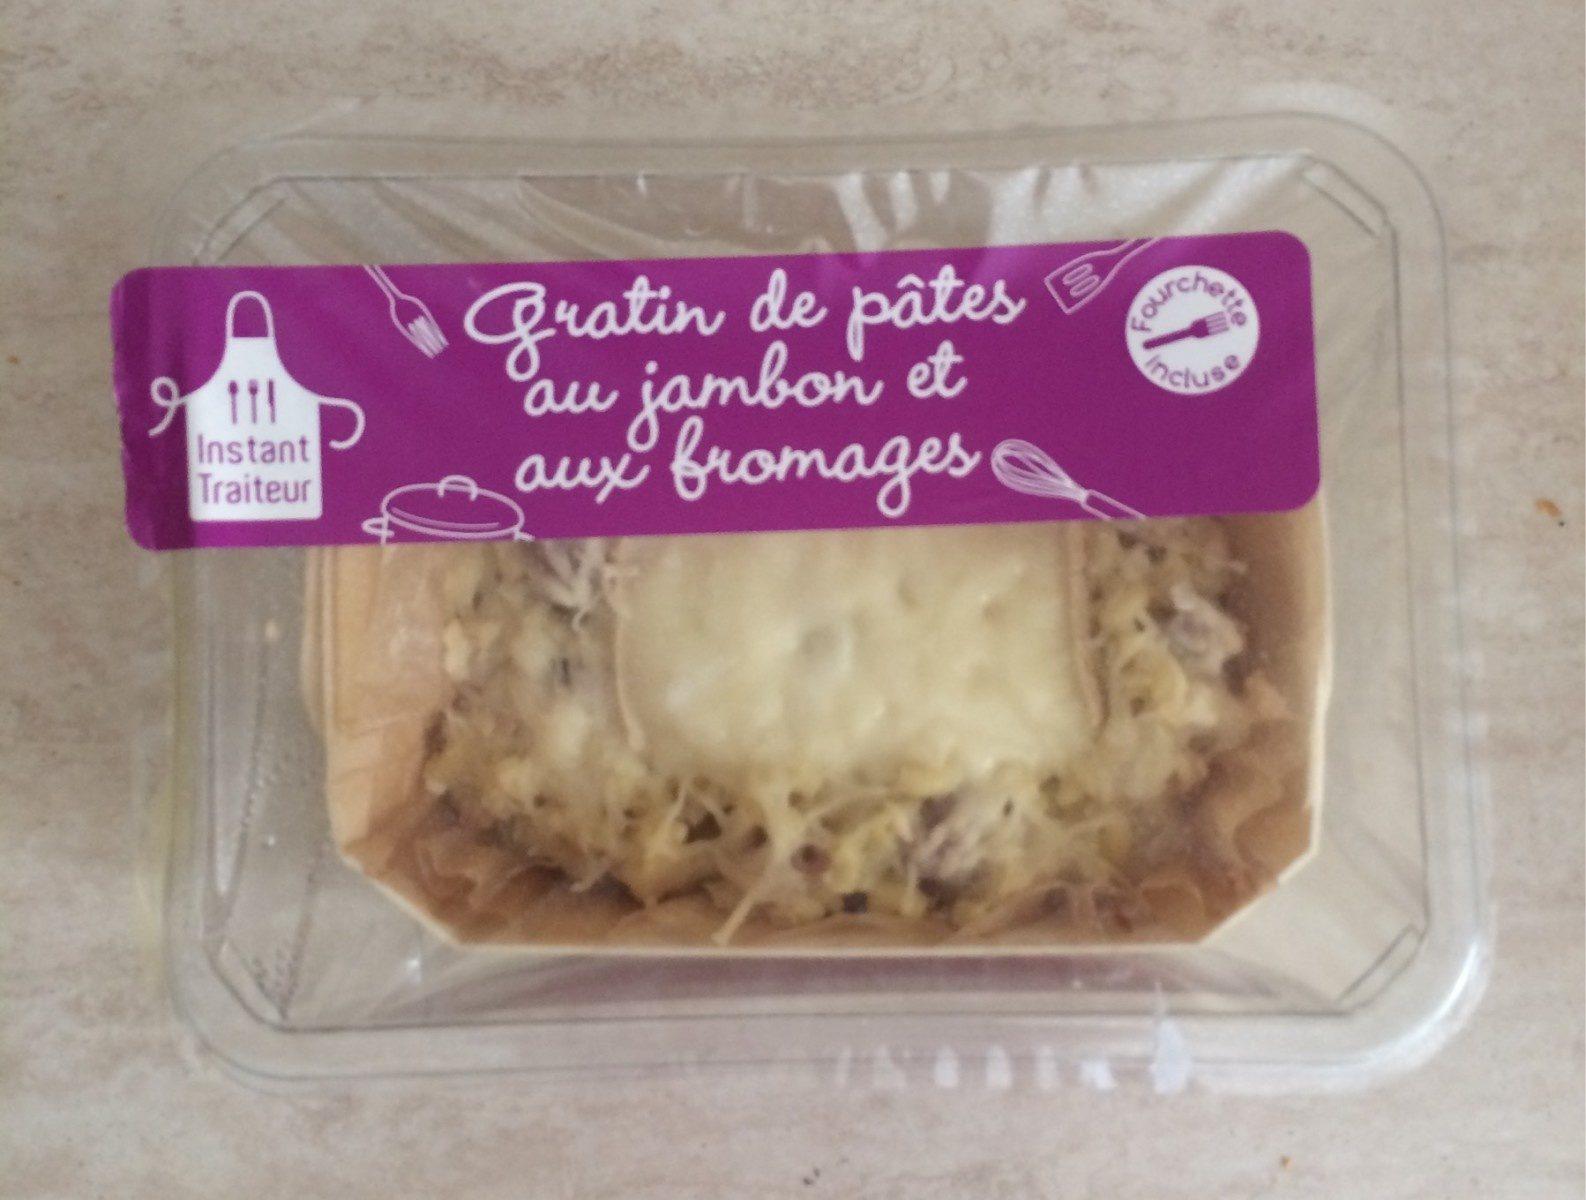 Gratin de pâtes au jambon et aux fromages - Produit